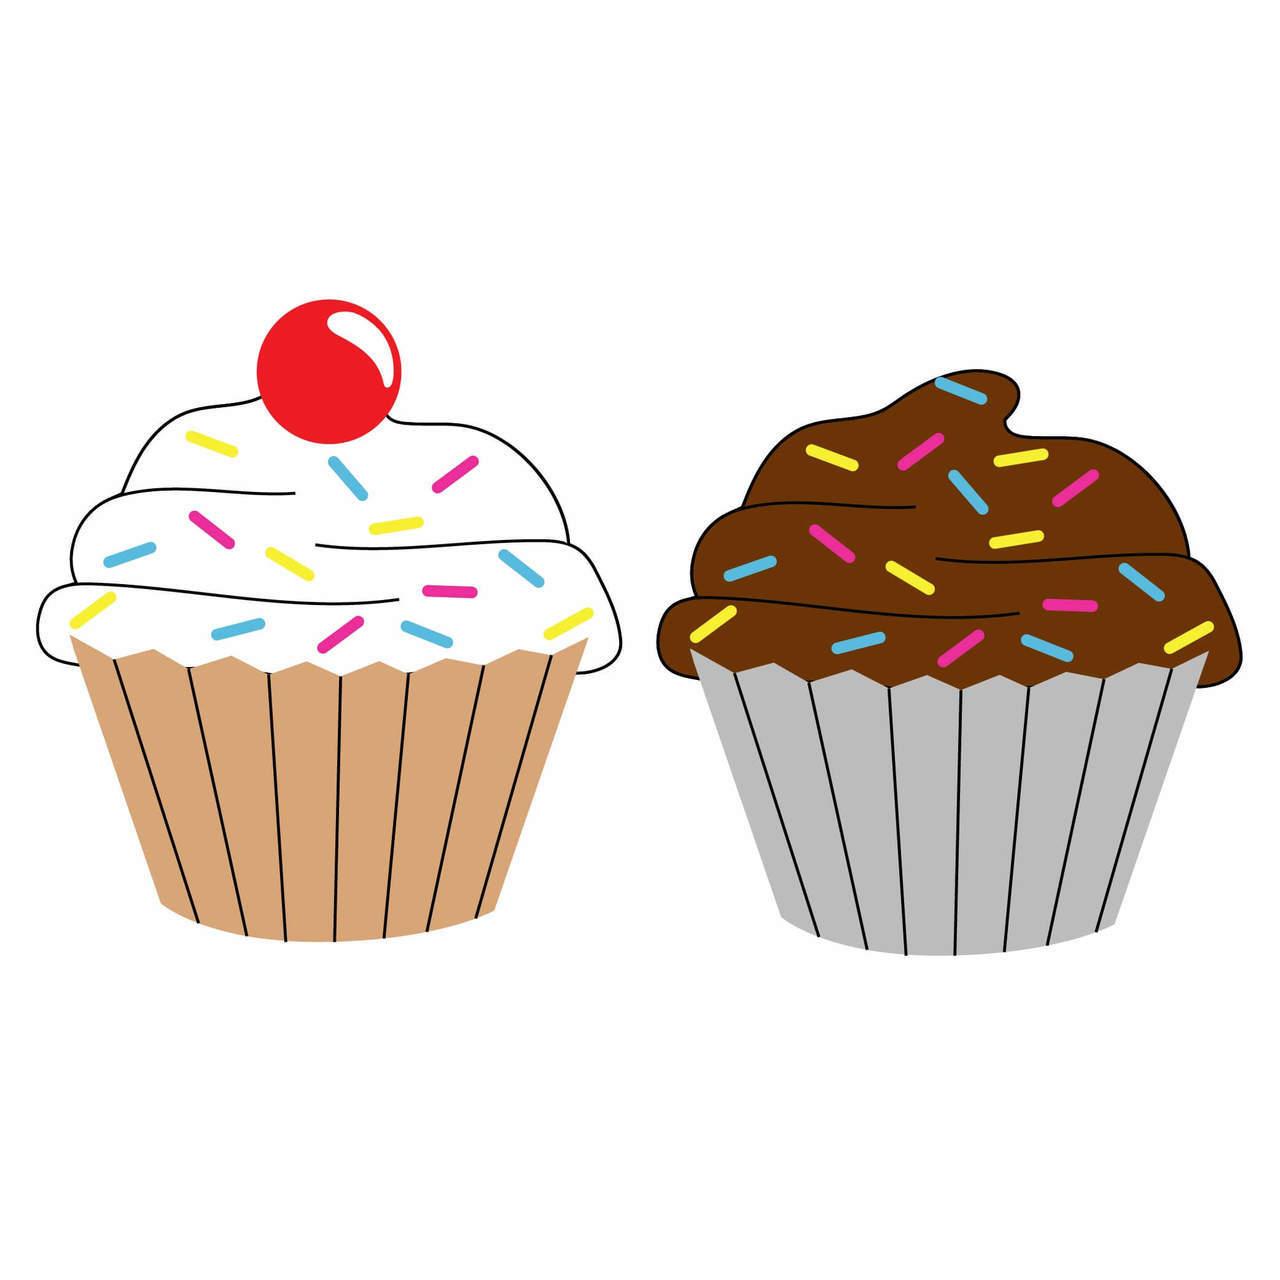 Muffin clipart svg. Free cupcake cut file